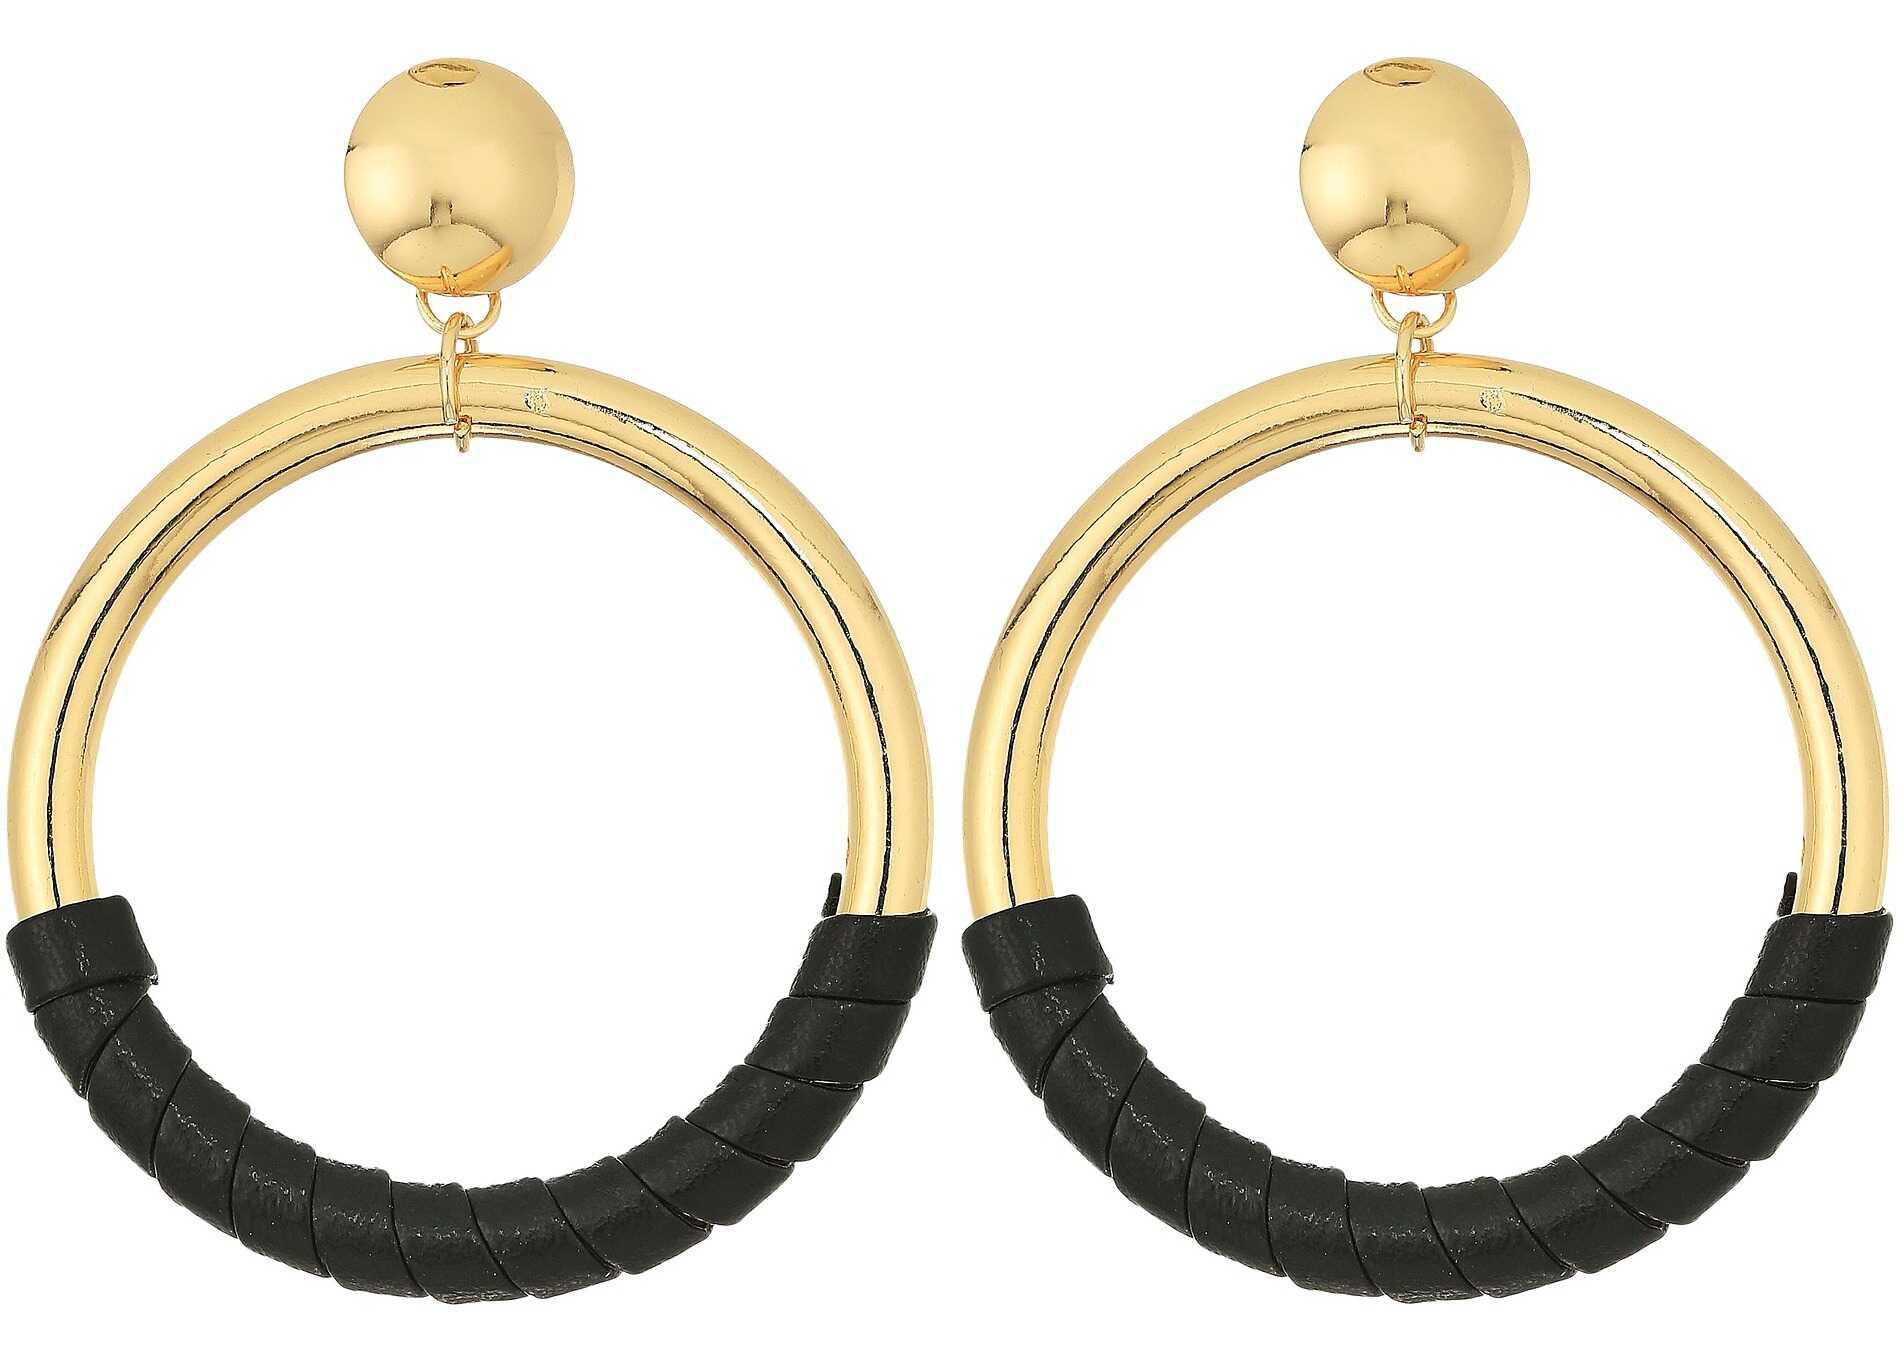 Steve Madden Hoop Stud Leather Post Earrings Gold